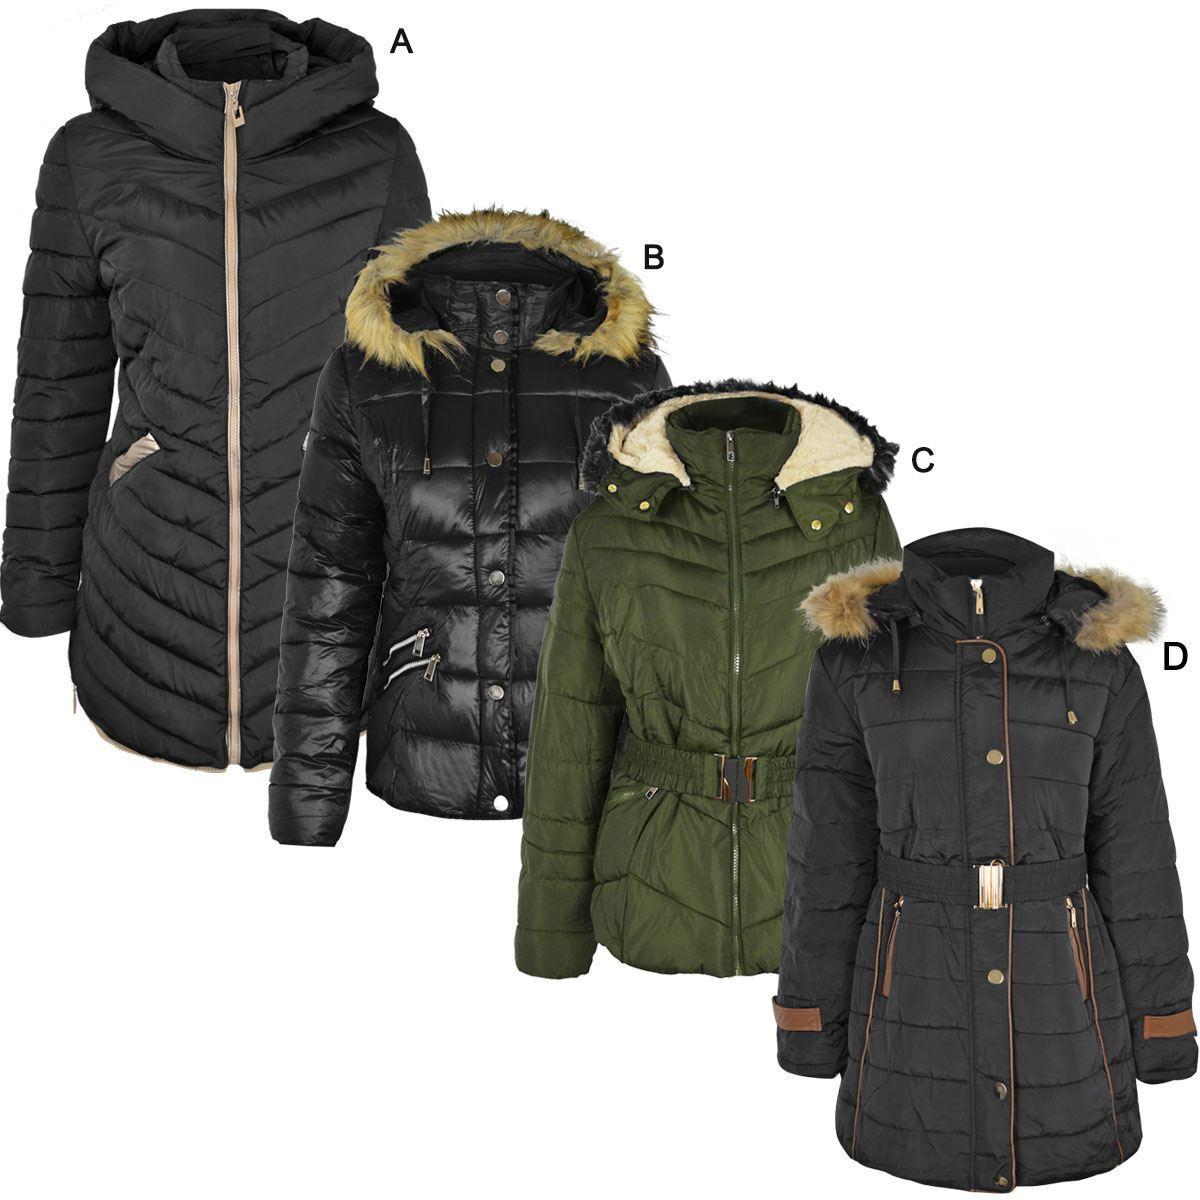 Manteau Femme Manteau Veste D hiver À Capuche Chaud Épais Matelassé Matelassé Taille UK